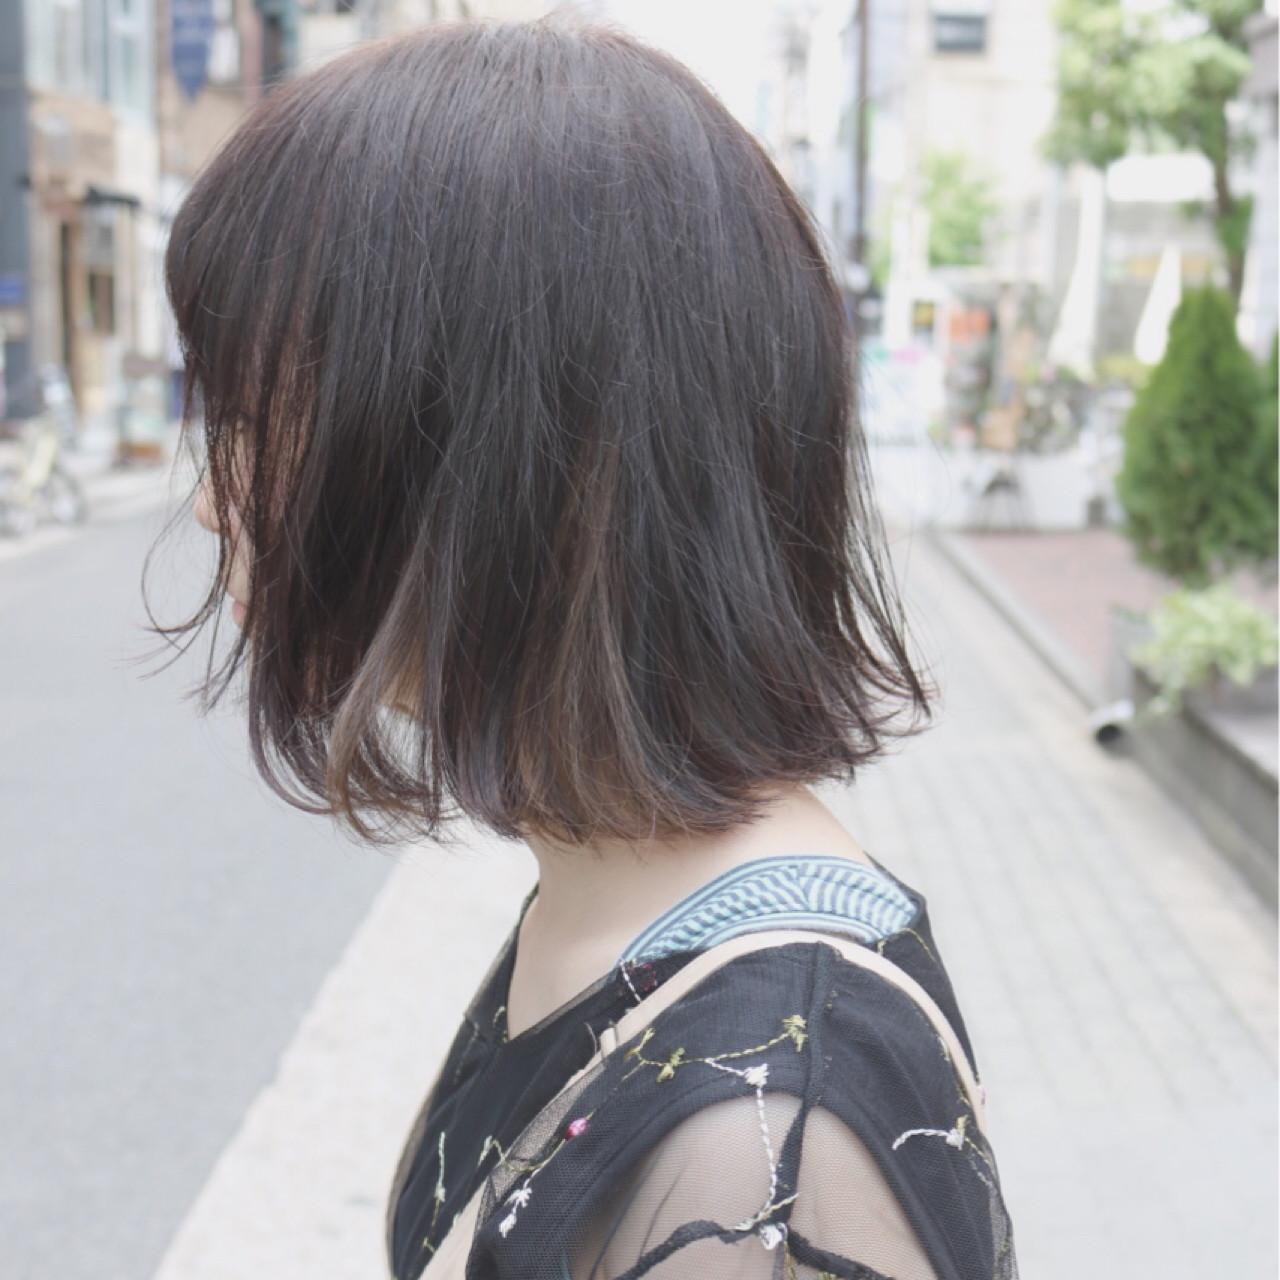 大人かわいい インナーカラー 透明感 イルミナカラー ヘアスタイルや髪型の写真・画像 | shingo shuto / airfeel